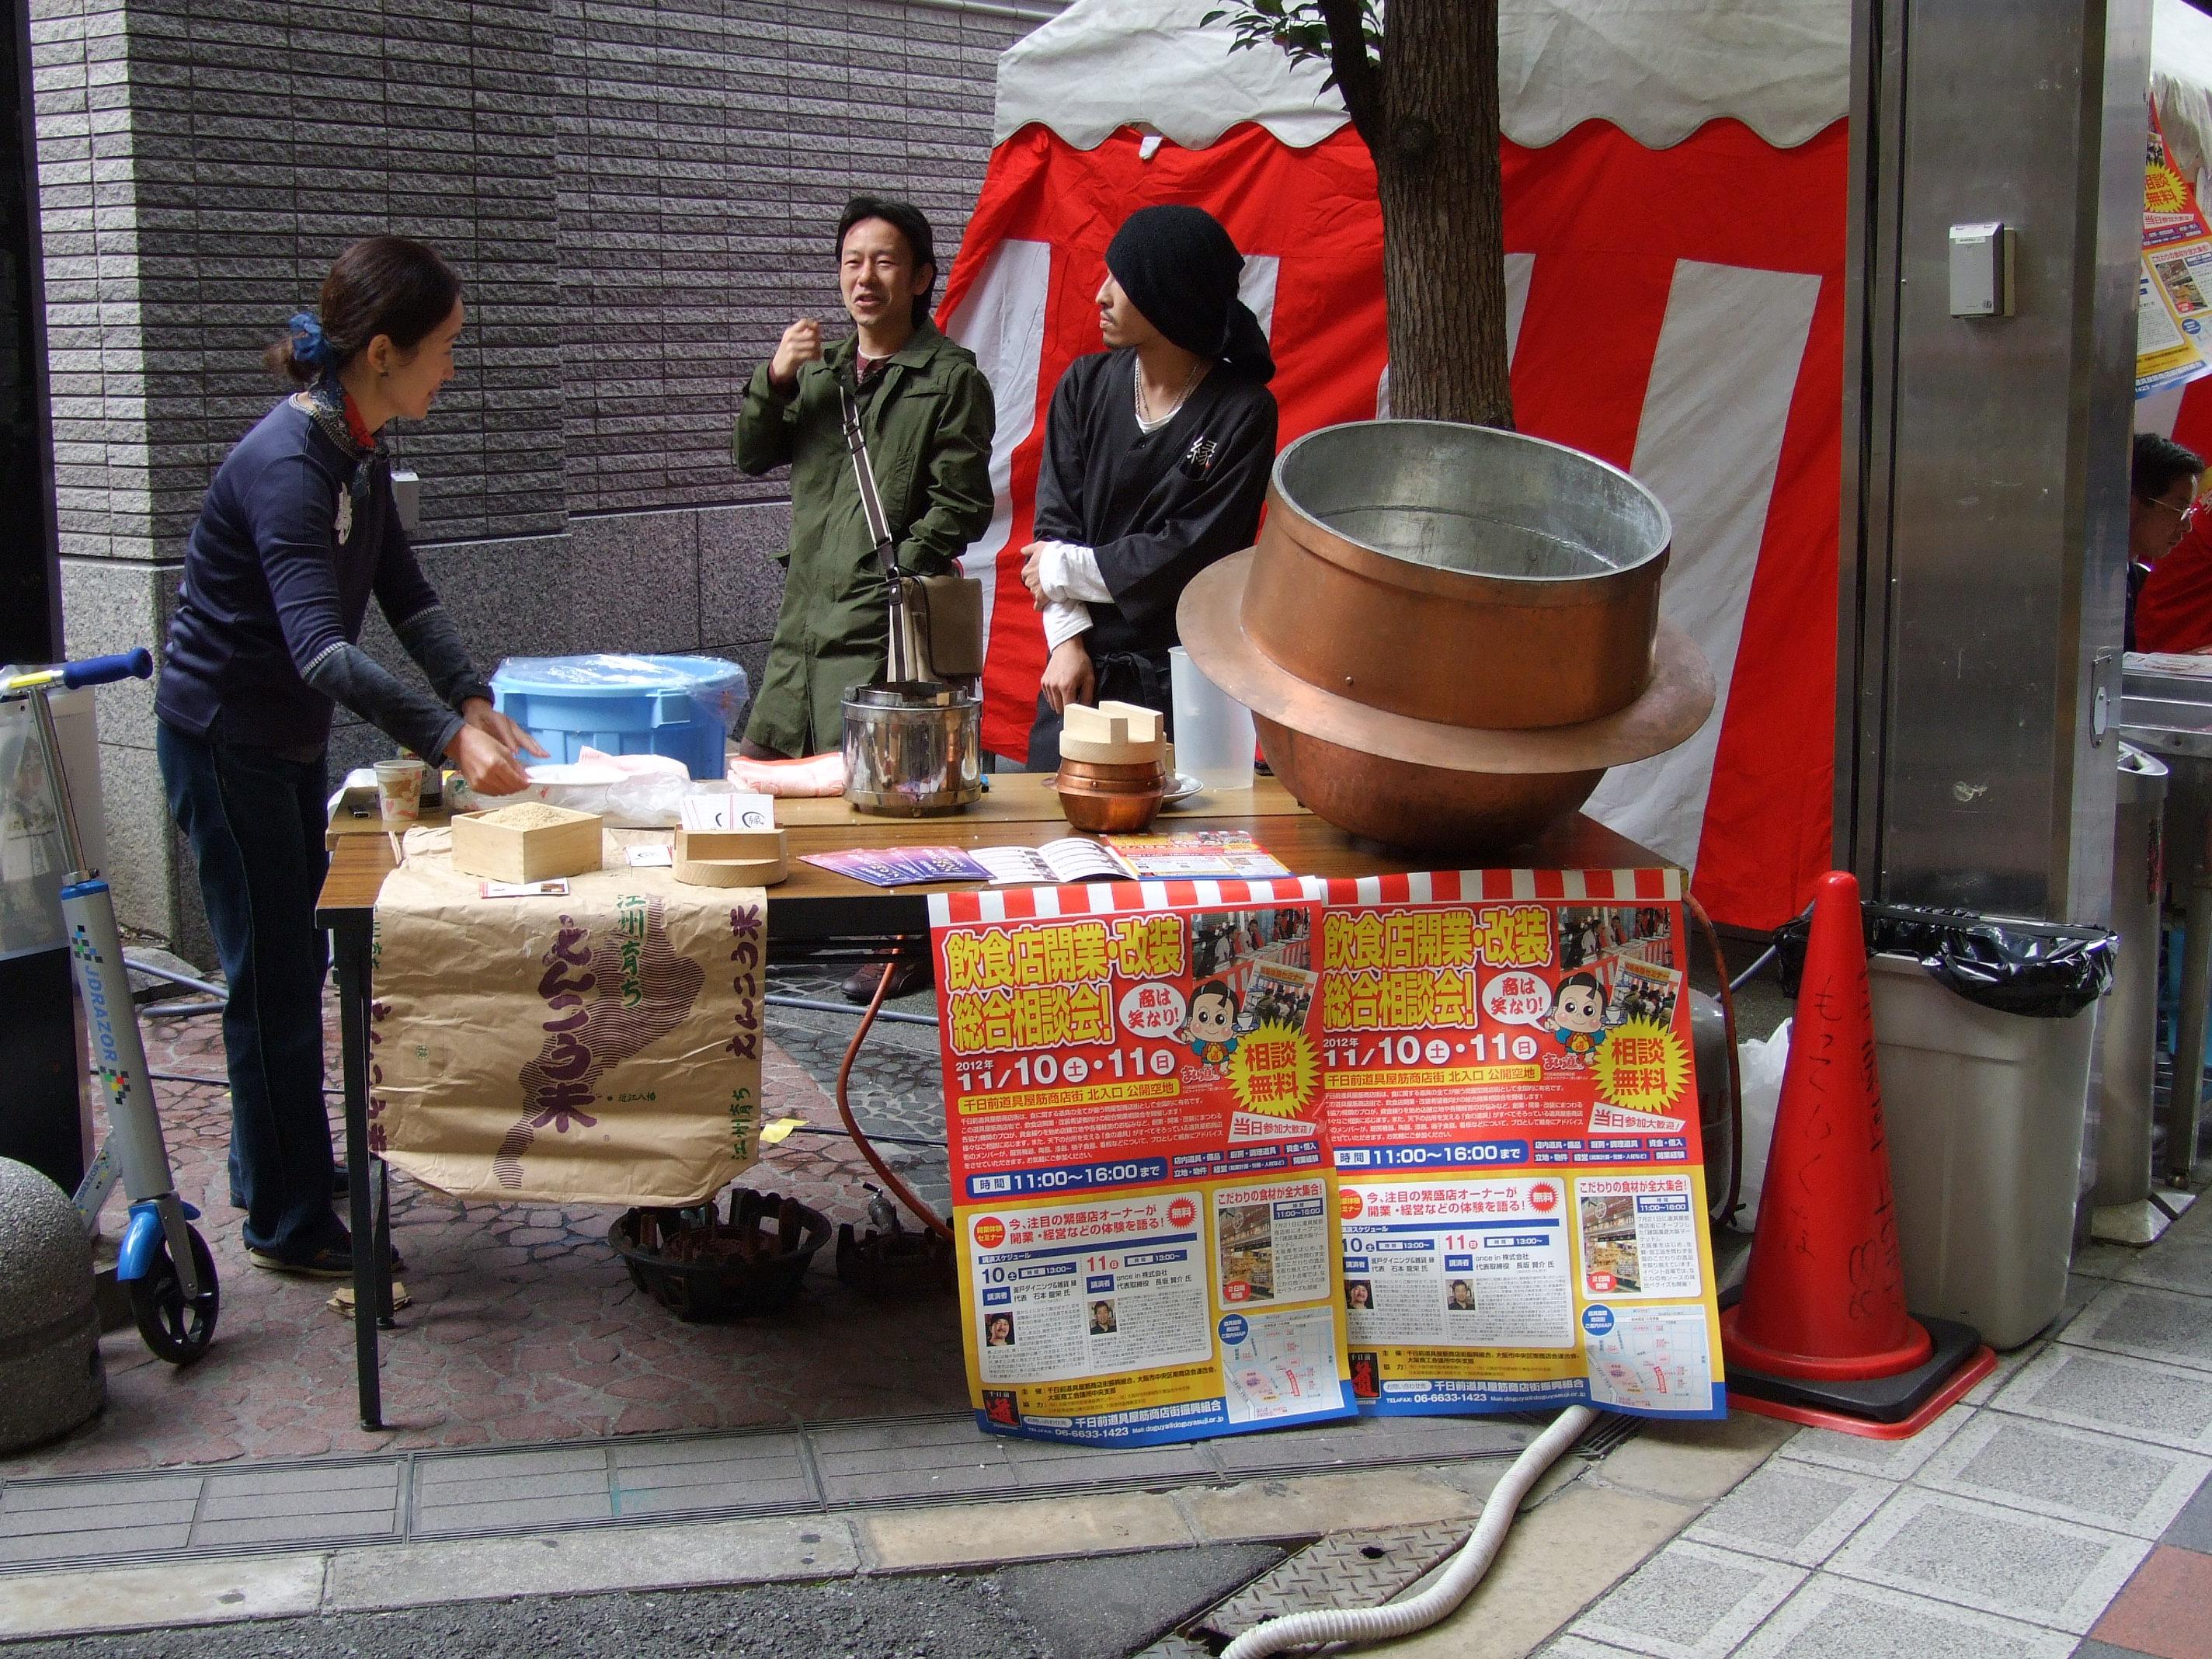 銅羽釜での炊きたてご飯の試食